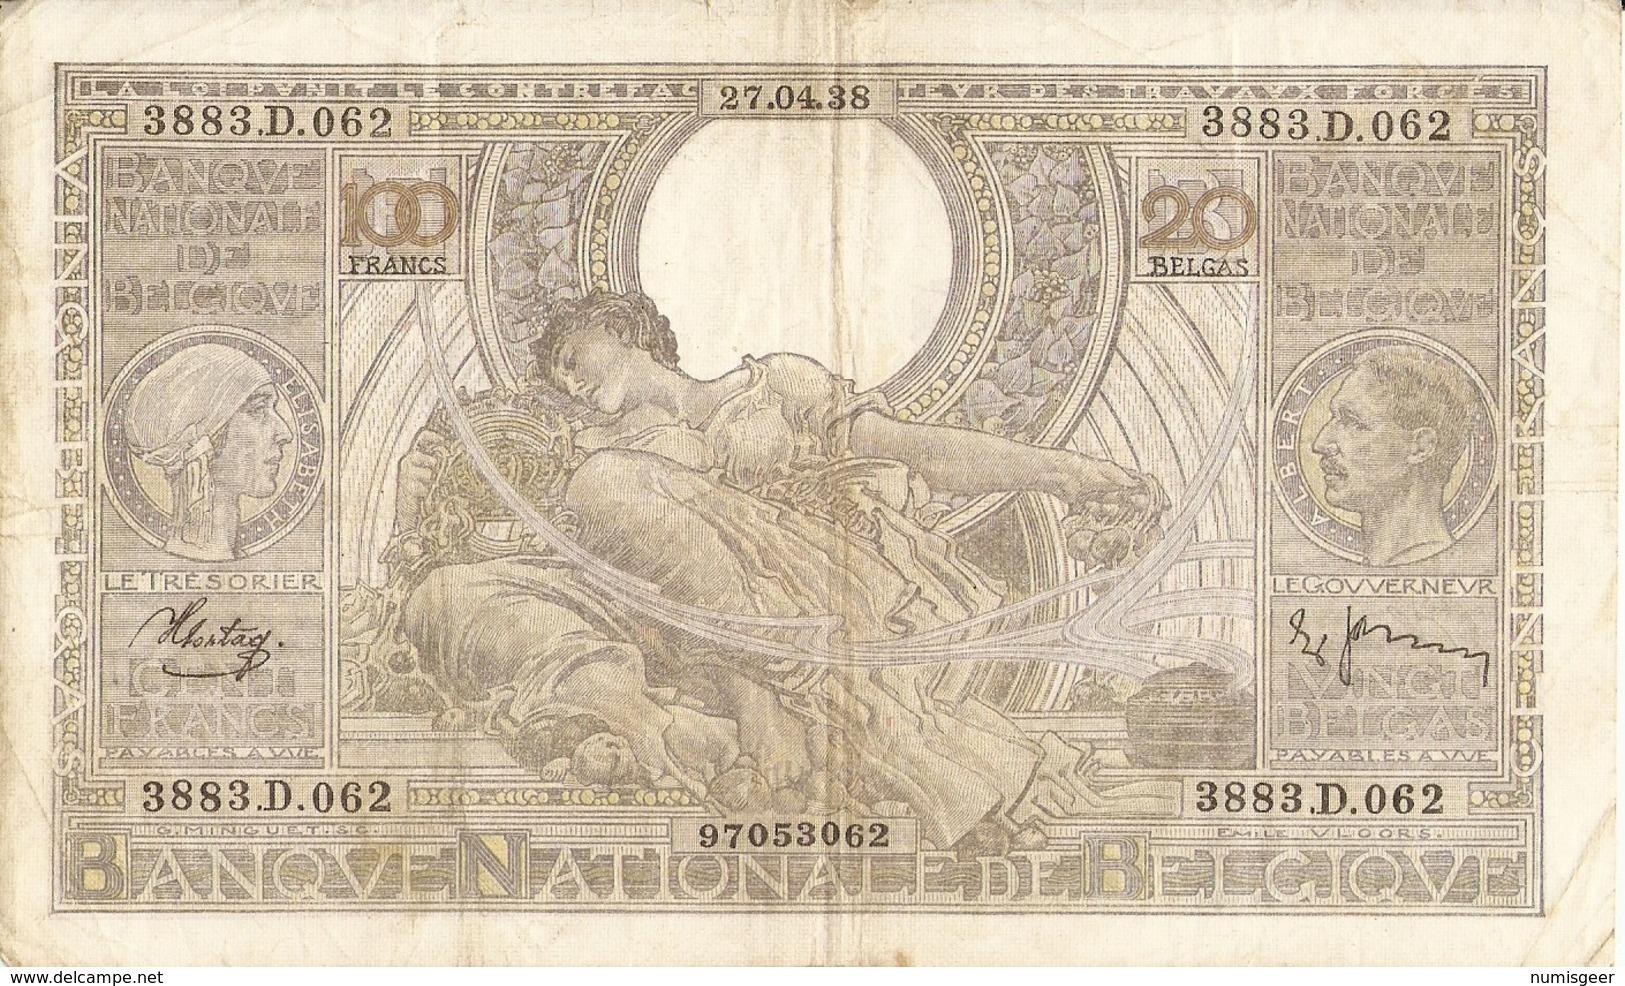 BELGIQUE -- 100 F. ( 20 Belgas ) N° -  3883.D.062 - 100 Franchi & 100 Franchi-20 Belgas